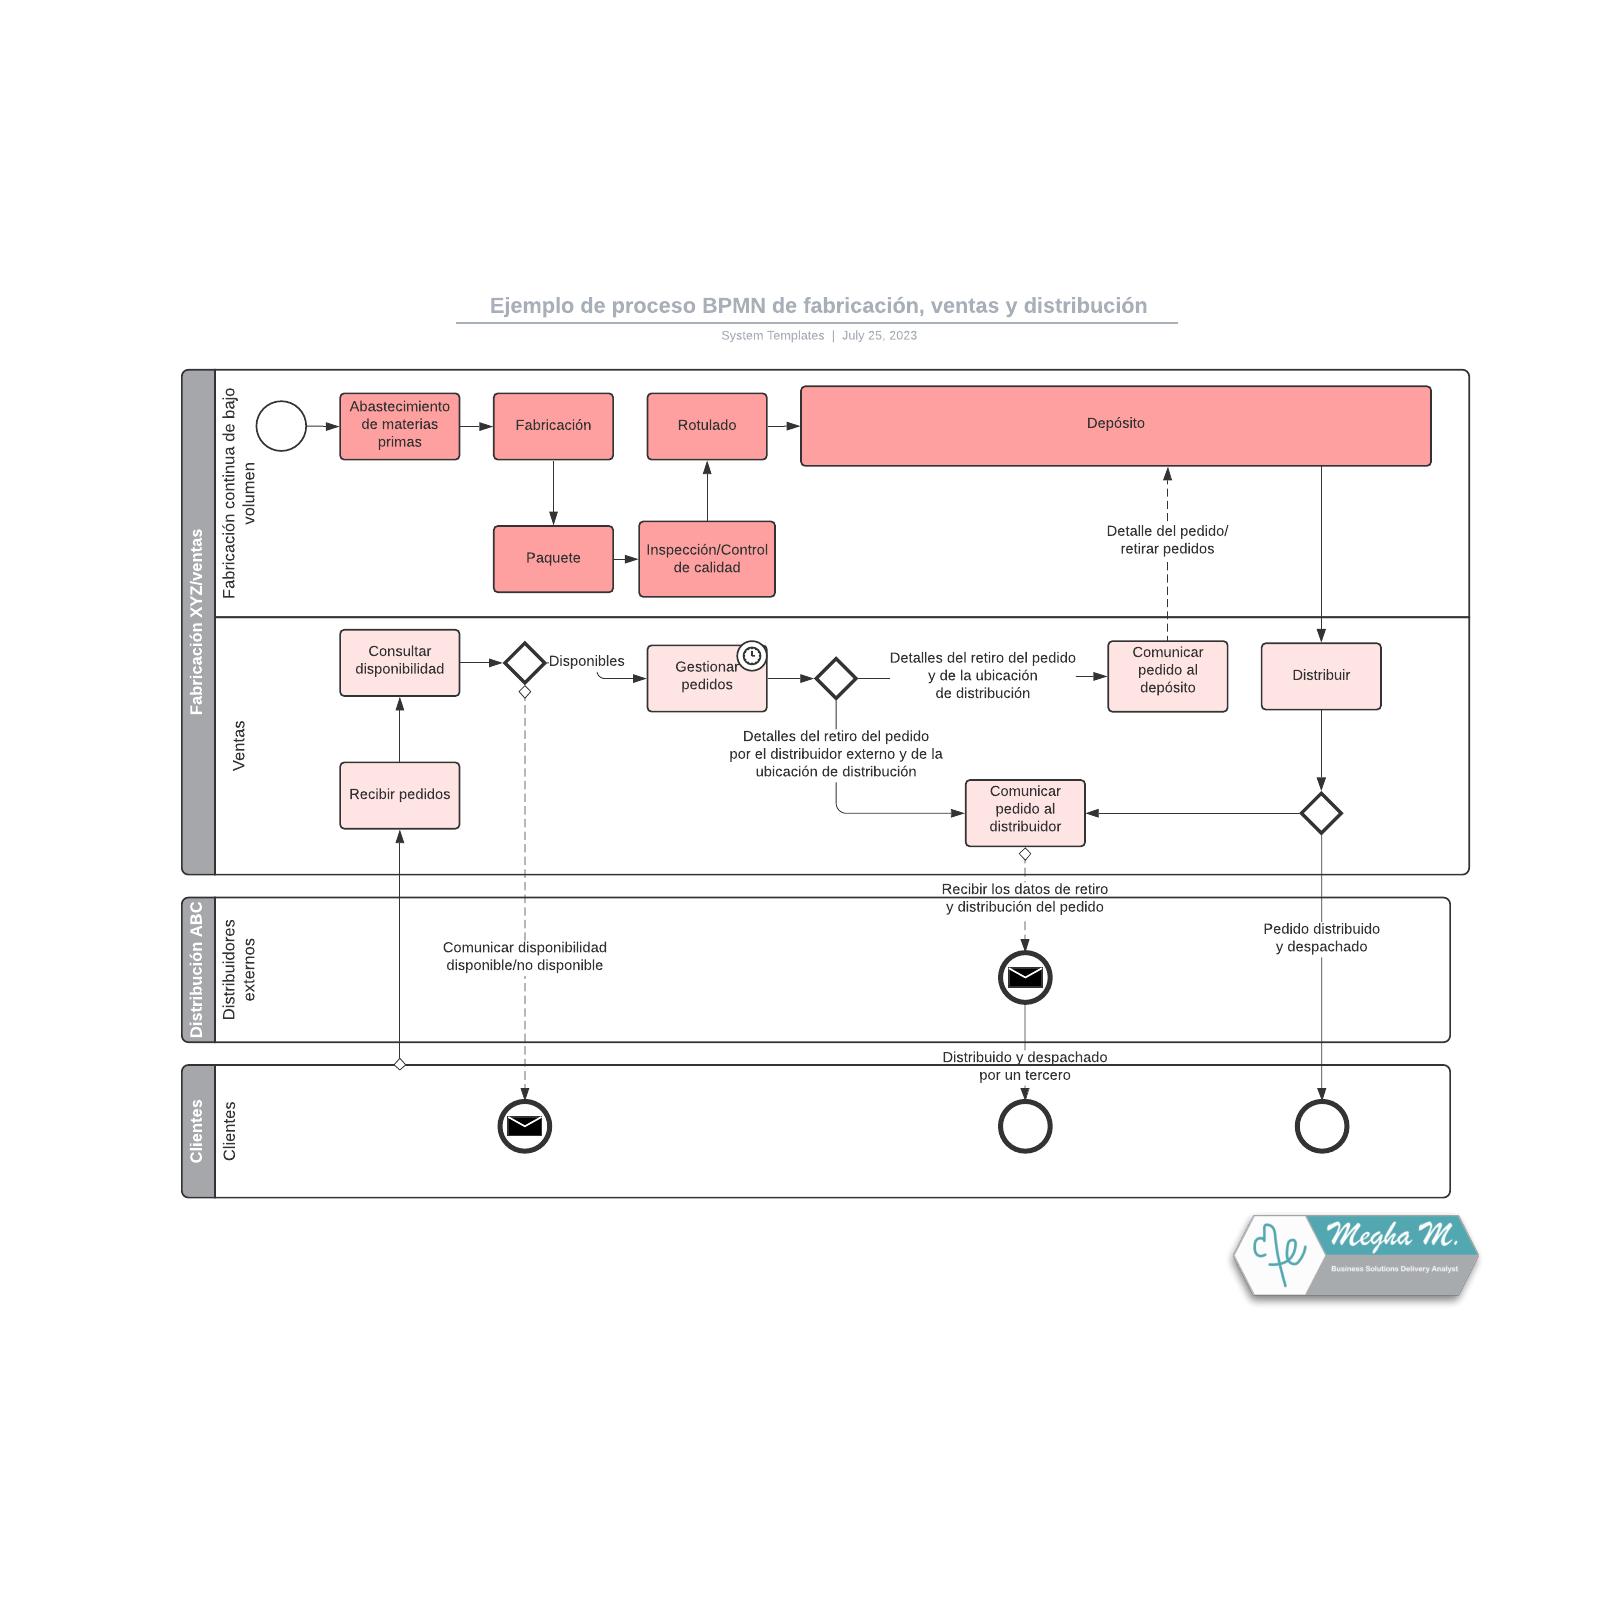 Ejemplo de proceso BPMN de fabricación, ventas y distribución